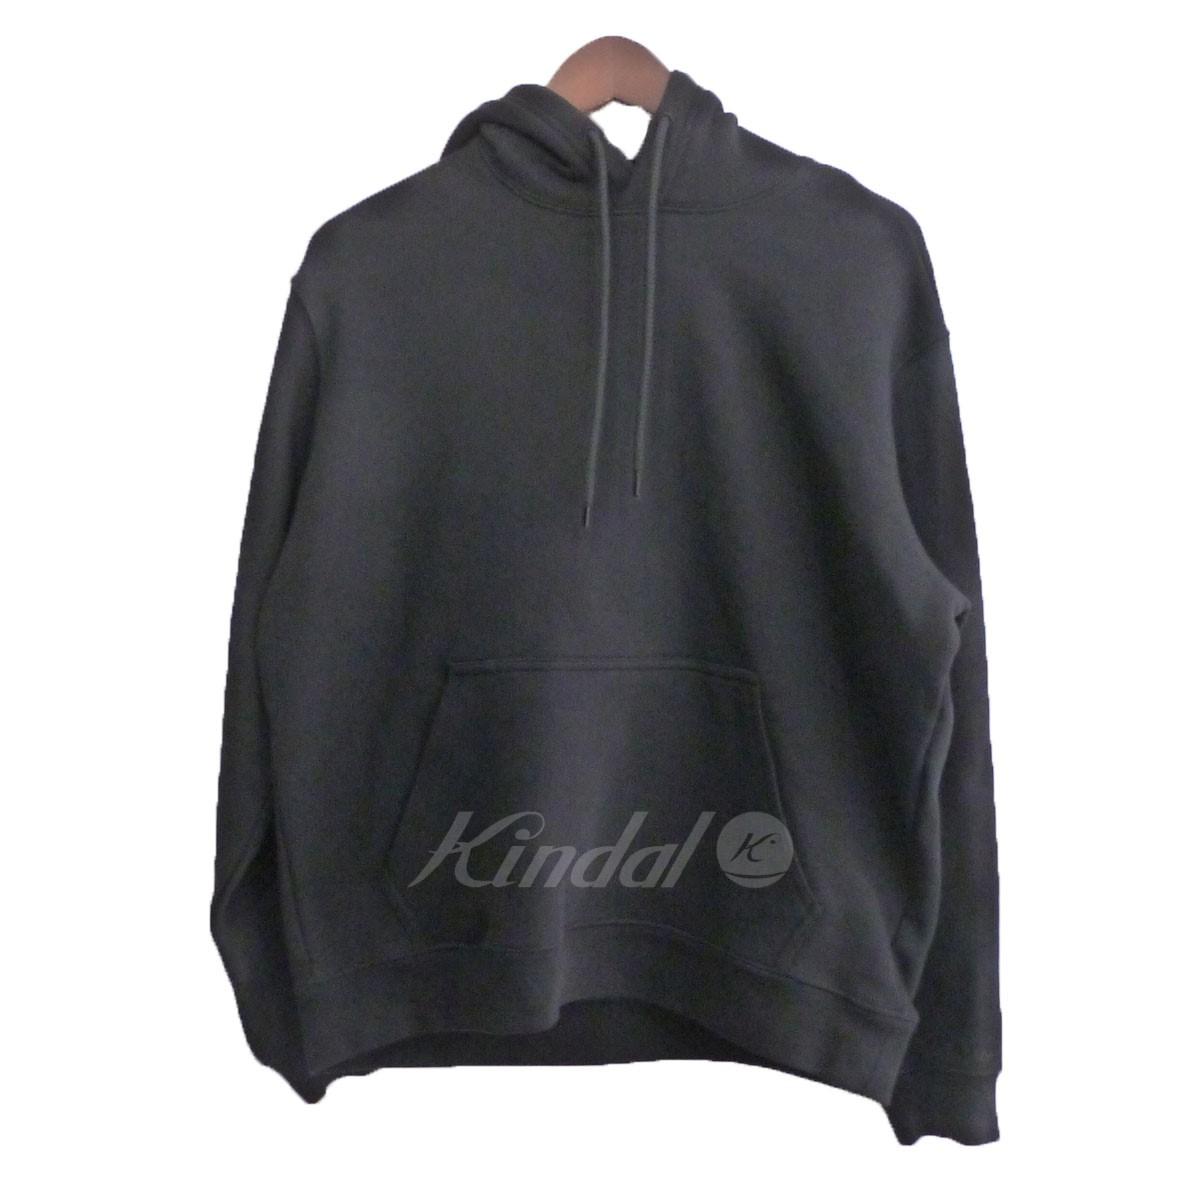 【中古】BALENCIAGA 17SS 「Tuck in Hooded Sweat」プルオーバーパーカー ブラック サイズ:XS 【送料無料】 【190918】(バレンシアガ)